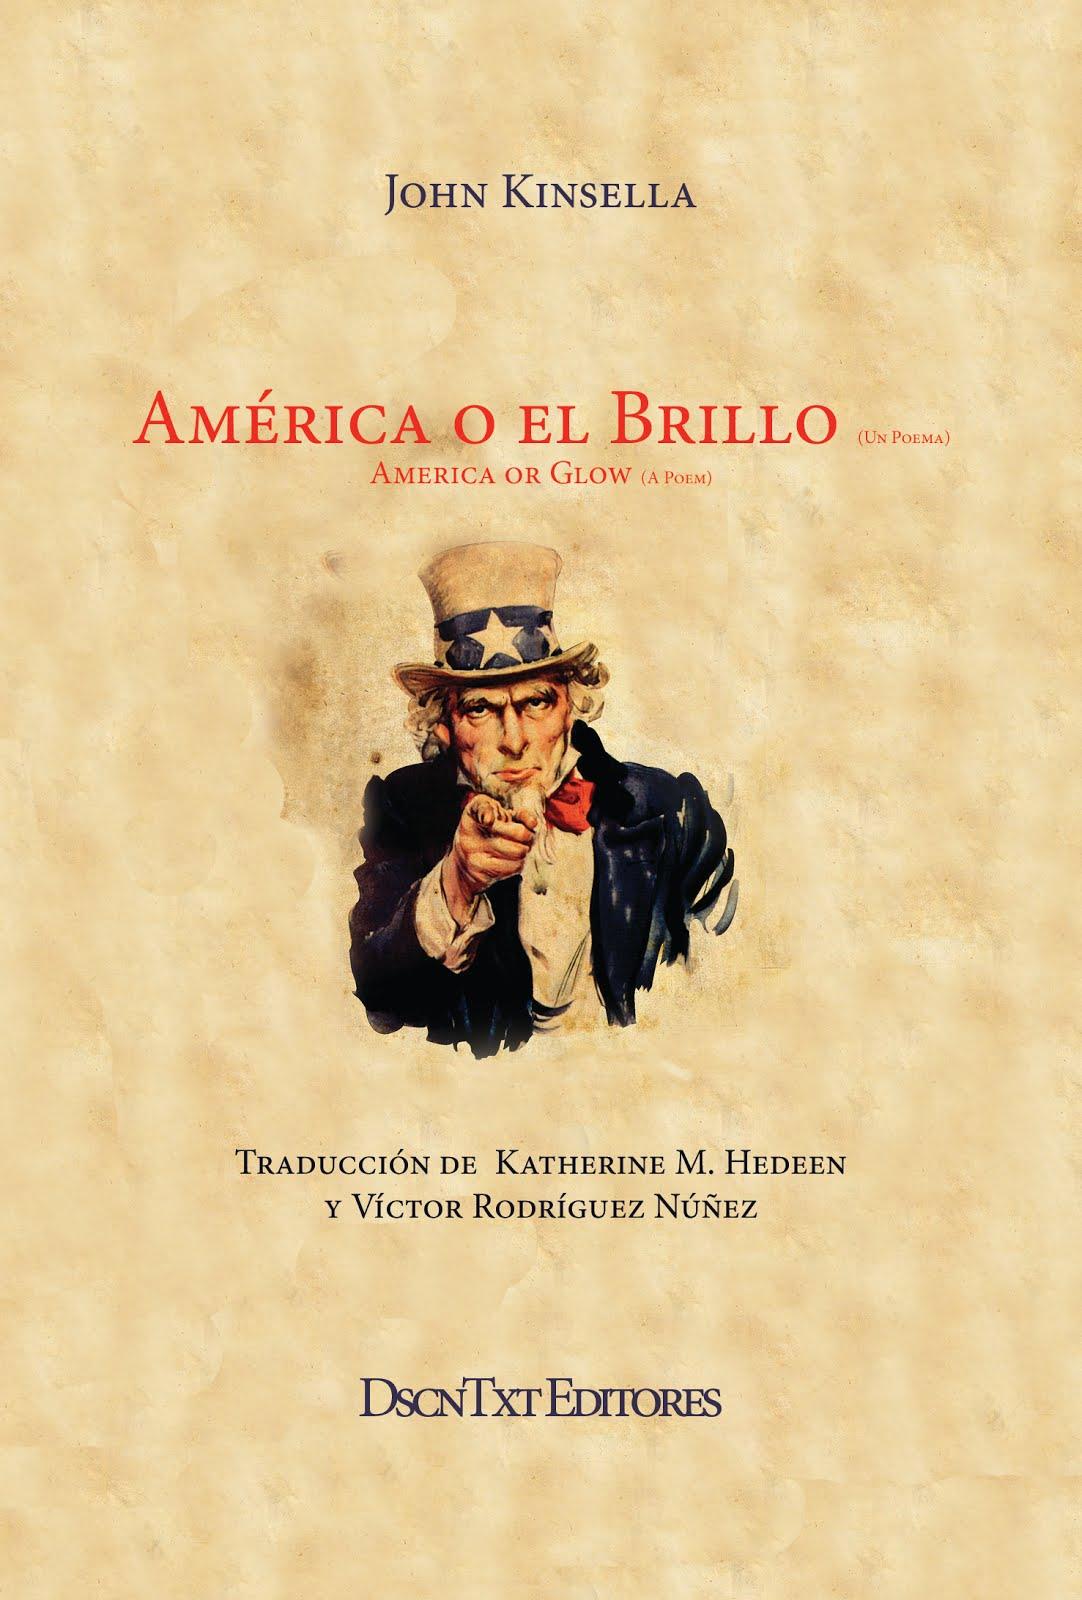 América o el brillo, de John Kinsella. Traducción de Katherine M. Hedeen y Víctor Rodríguez Núñez